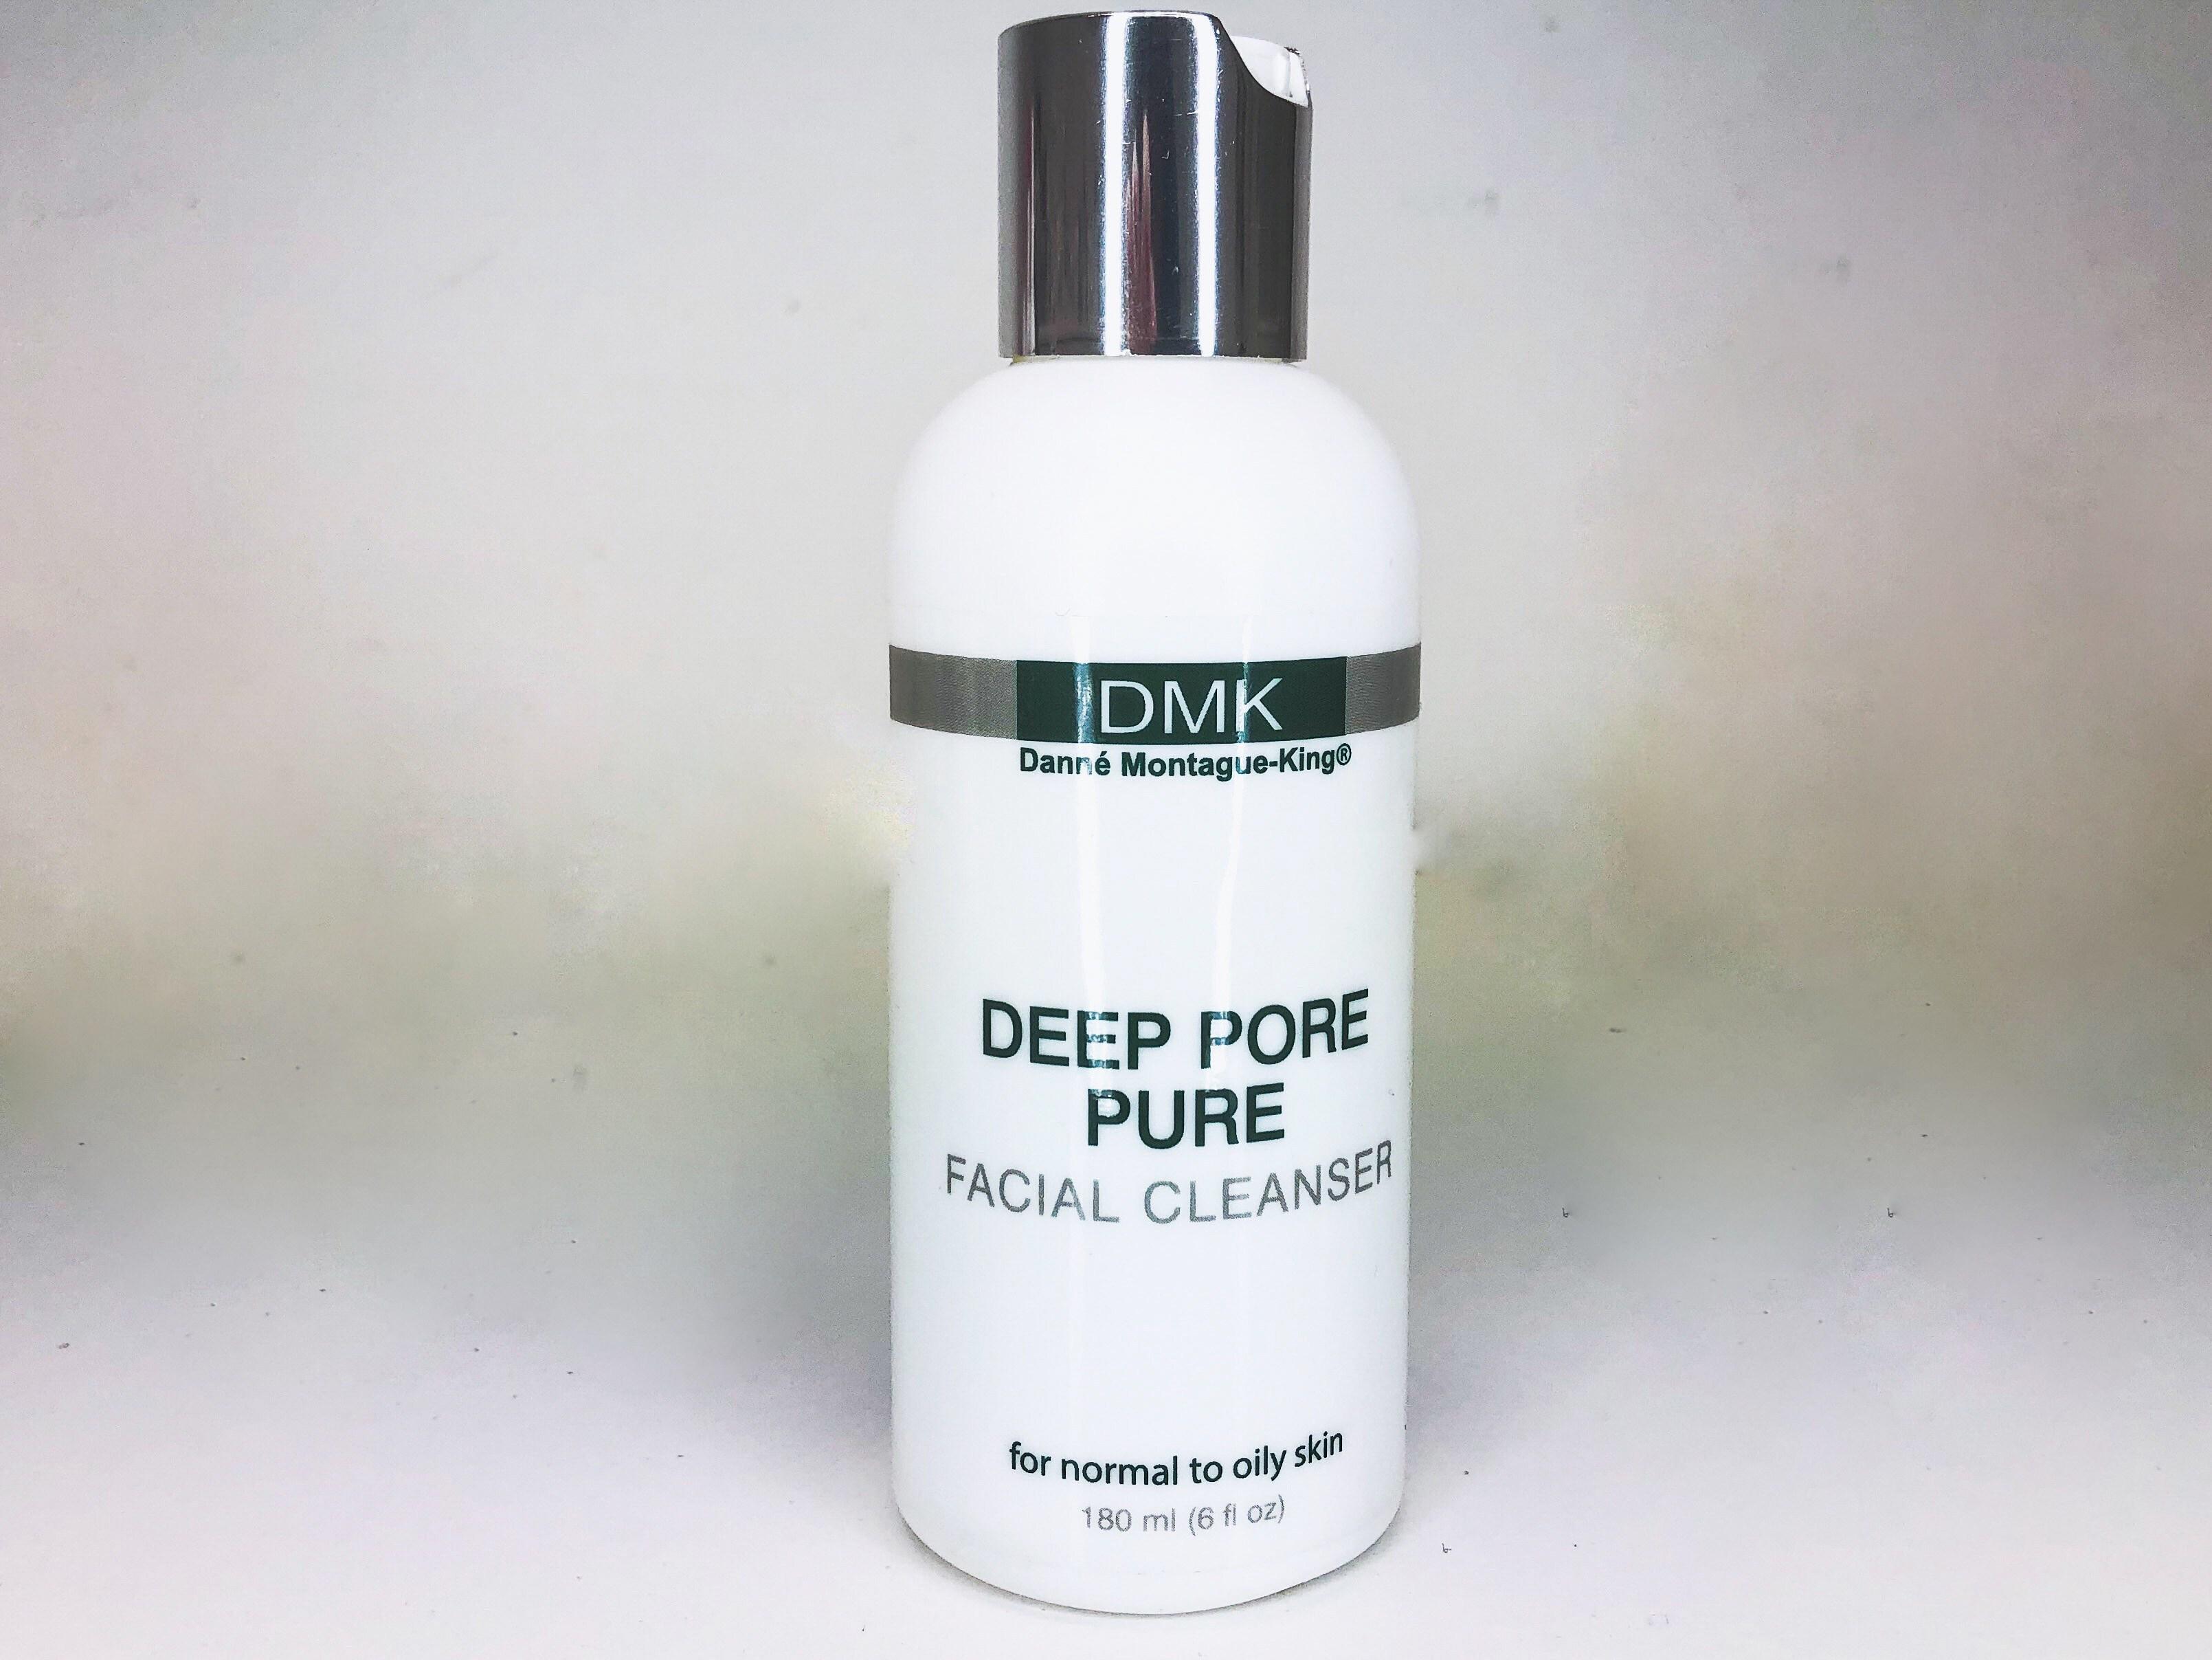 Deep Pore Pure